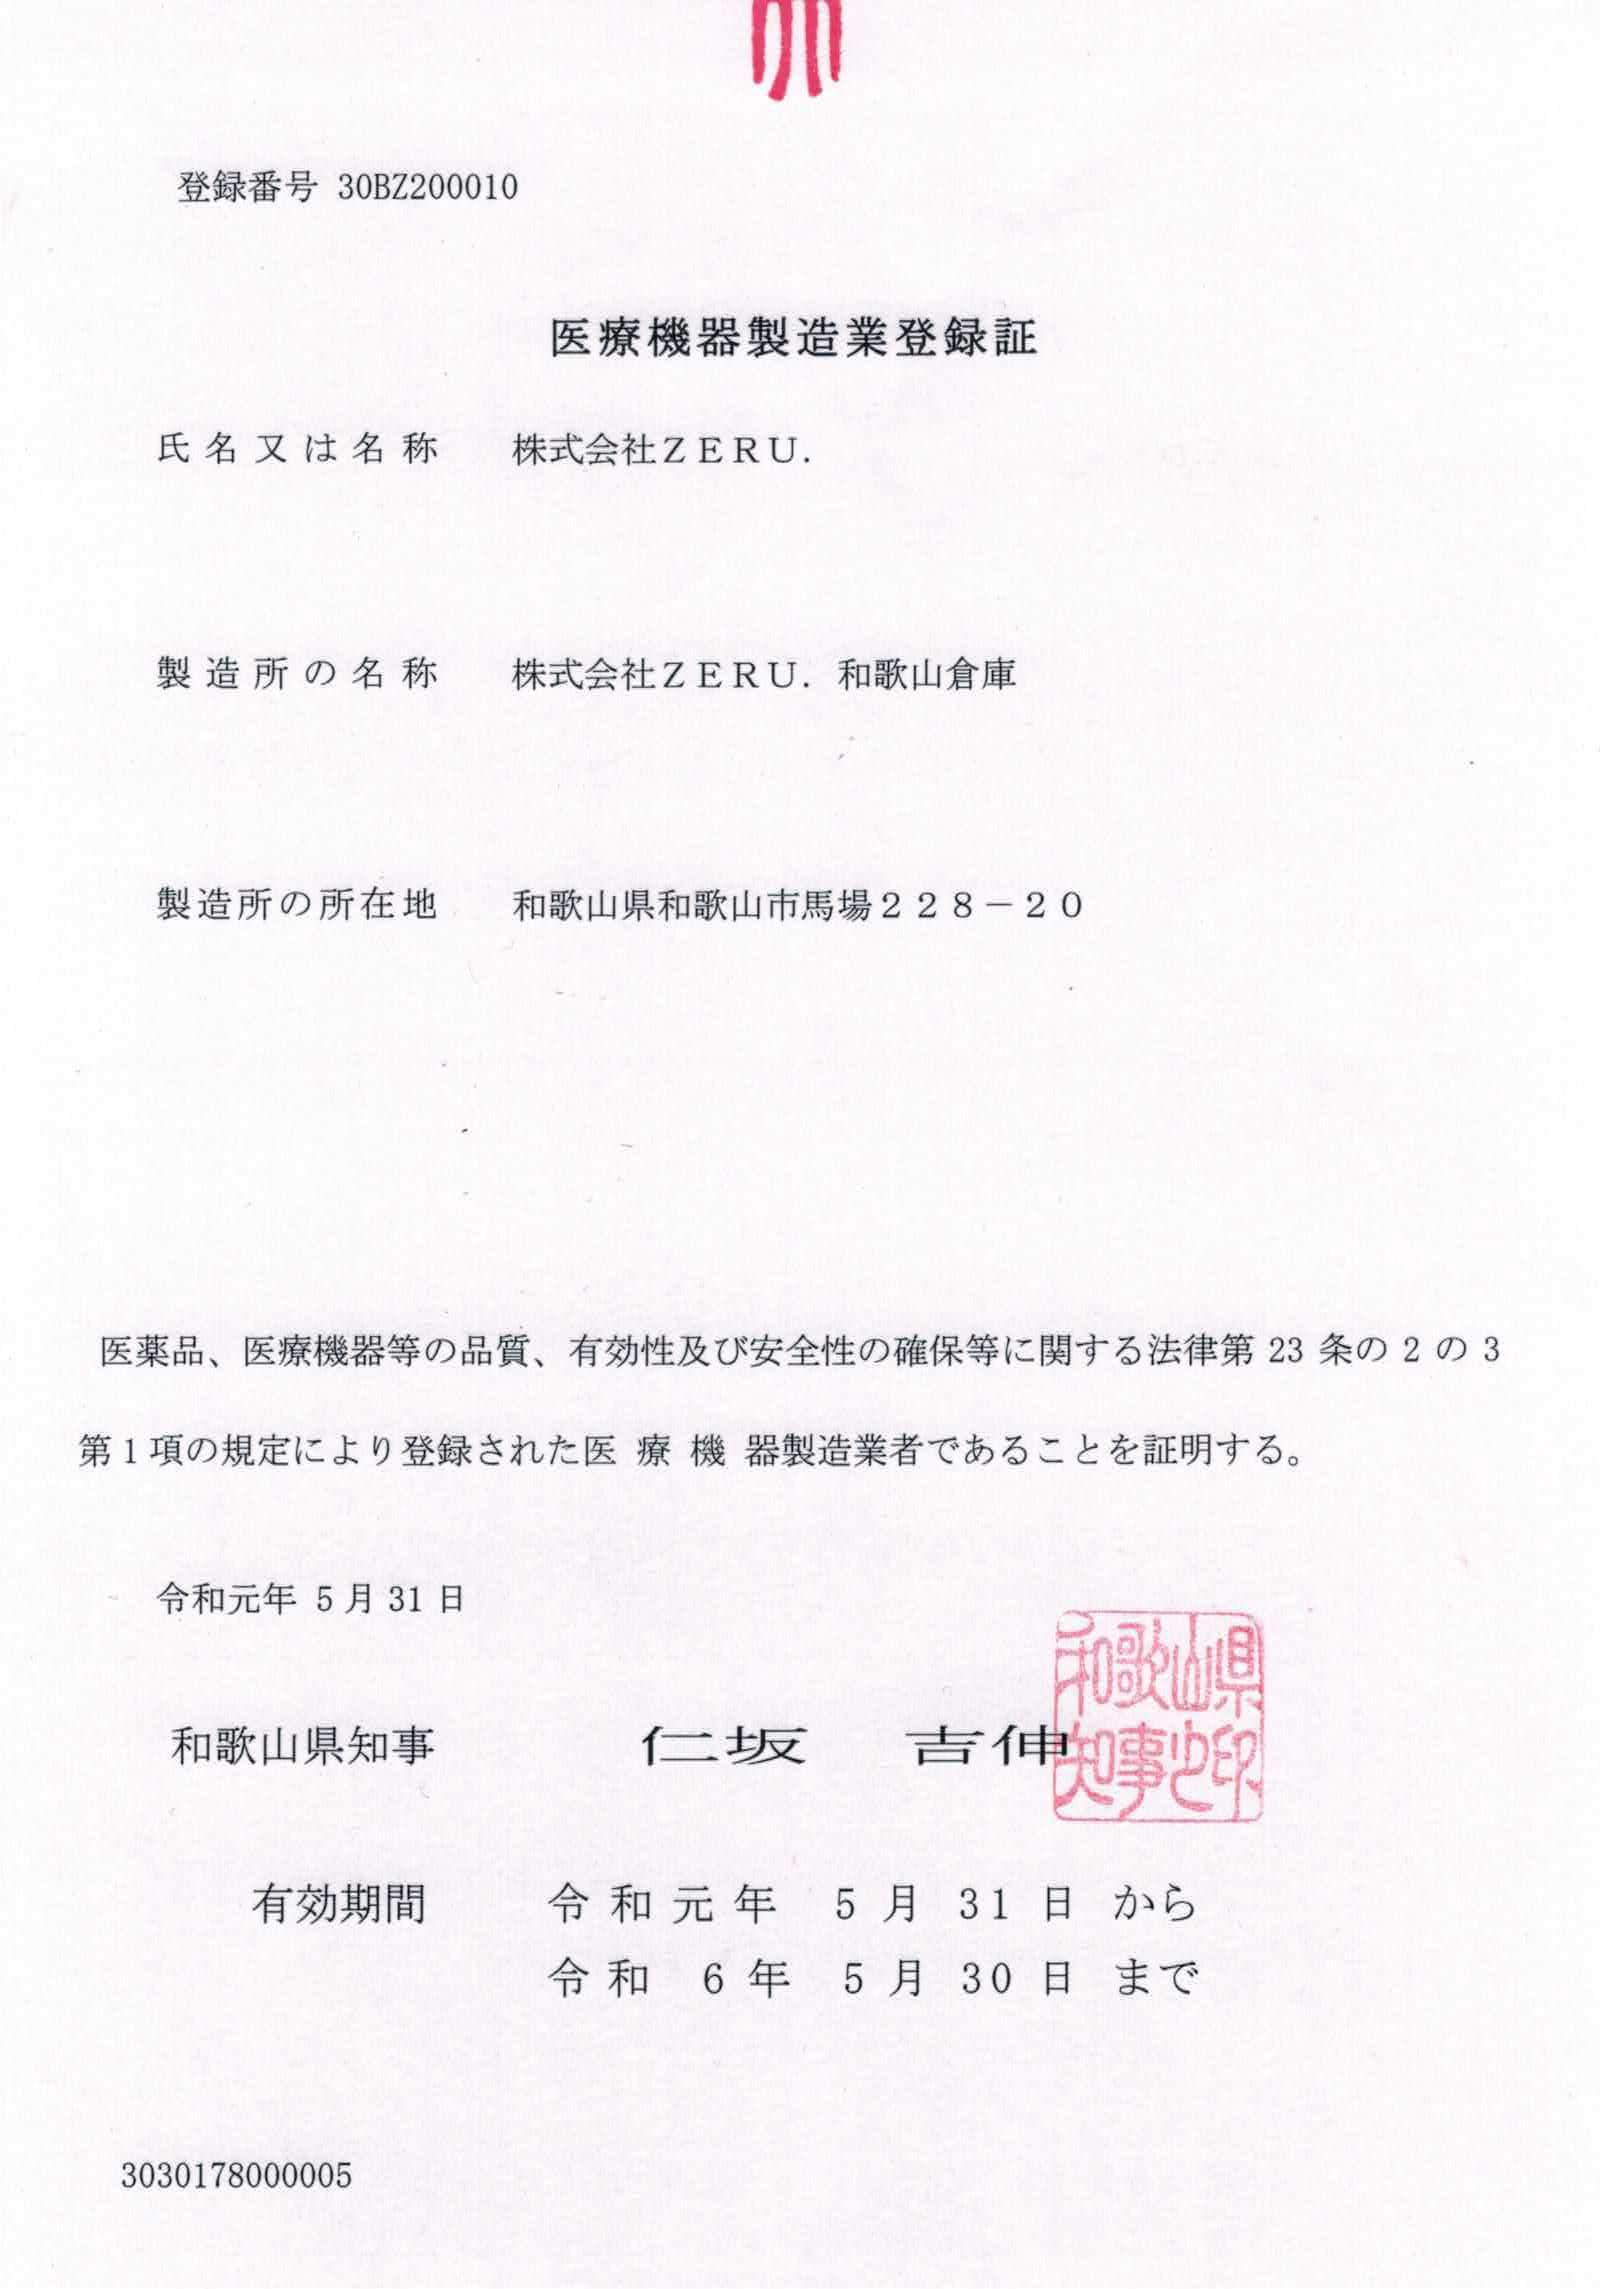 業許可証_製造業登録証